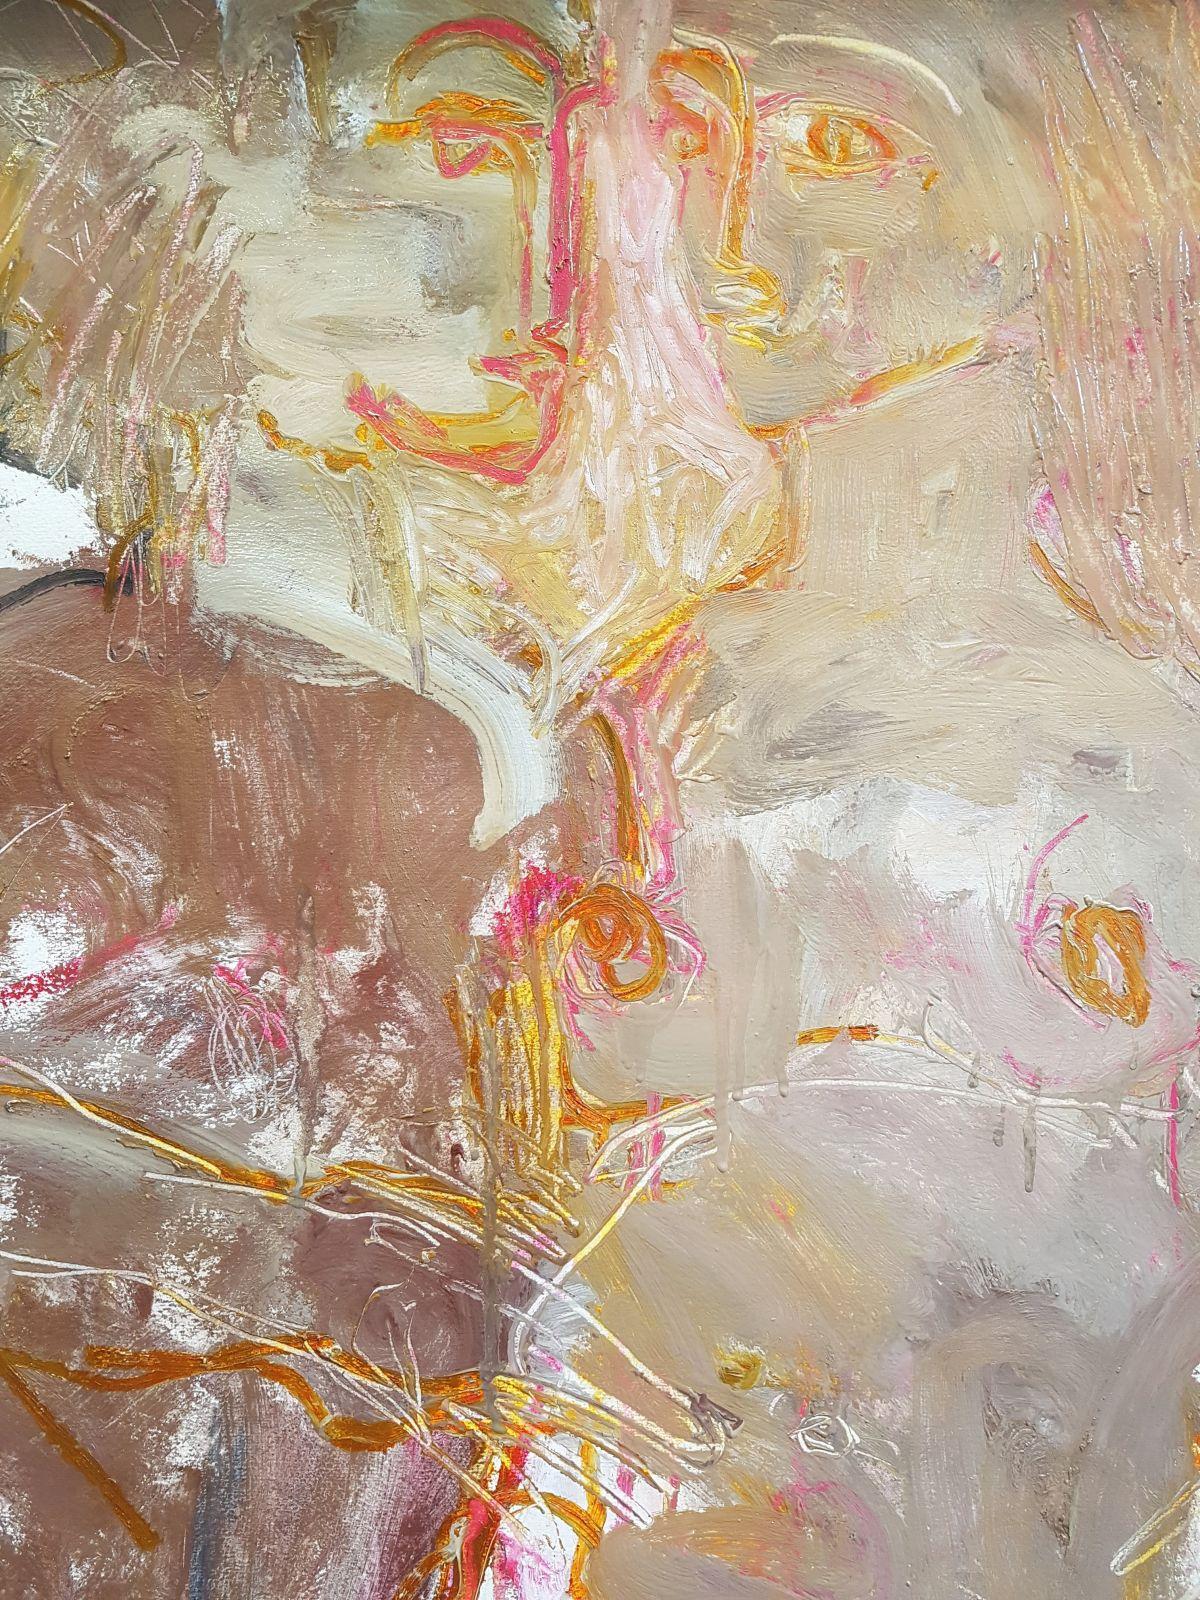 Detail, Lovers negotiating rapture. Kate Walters